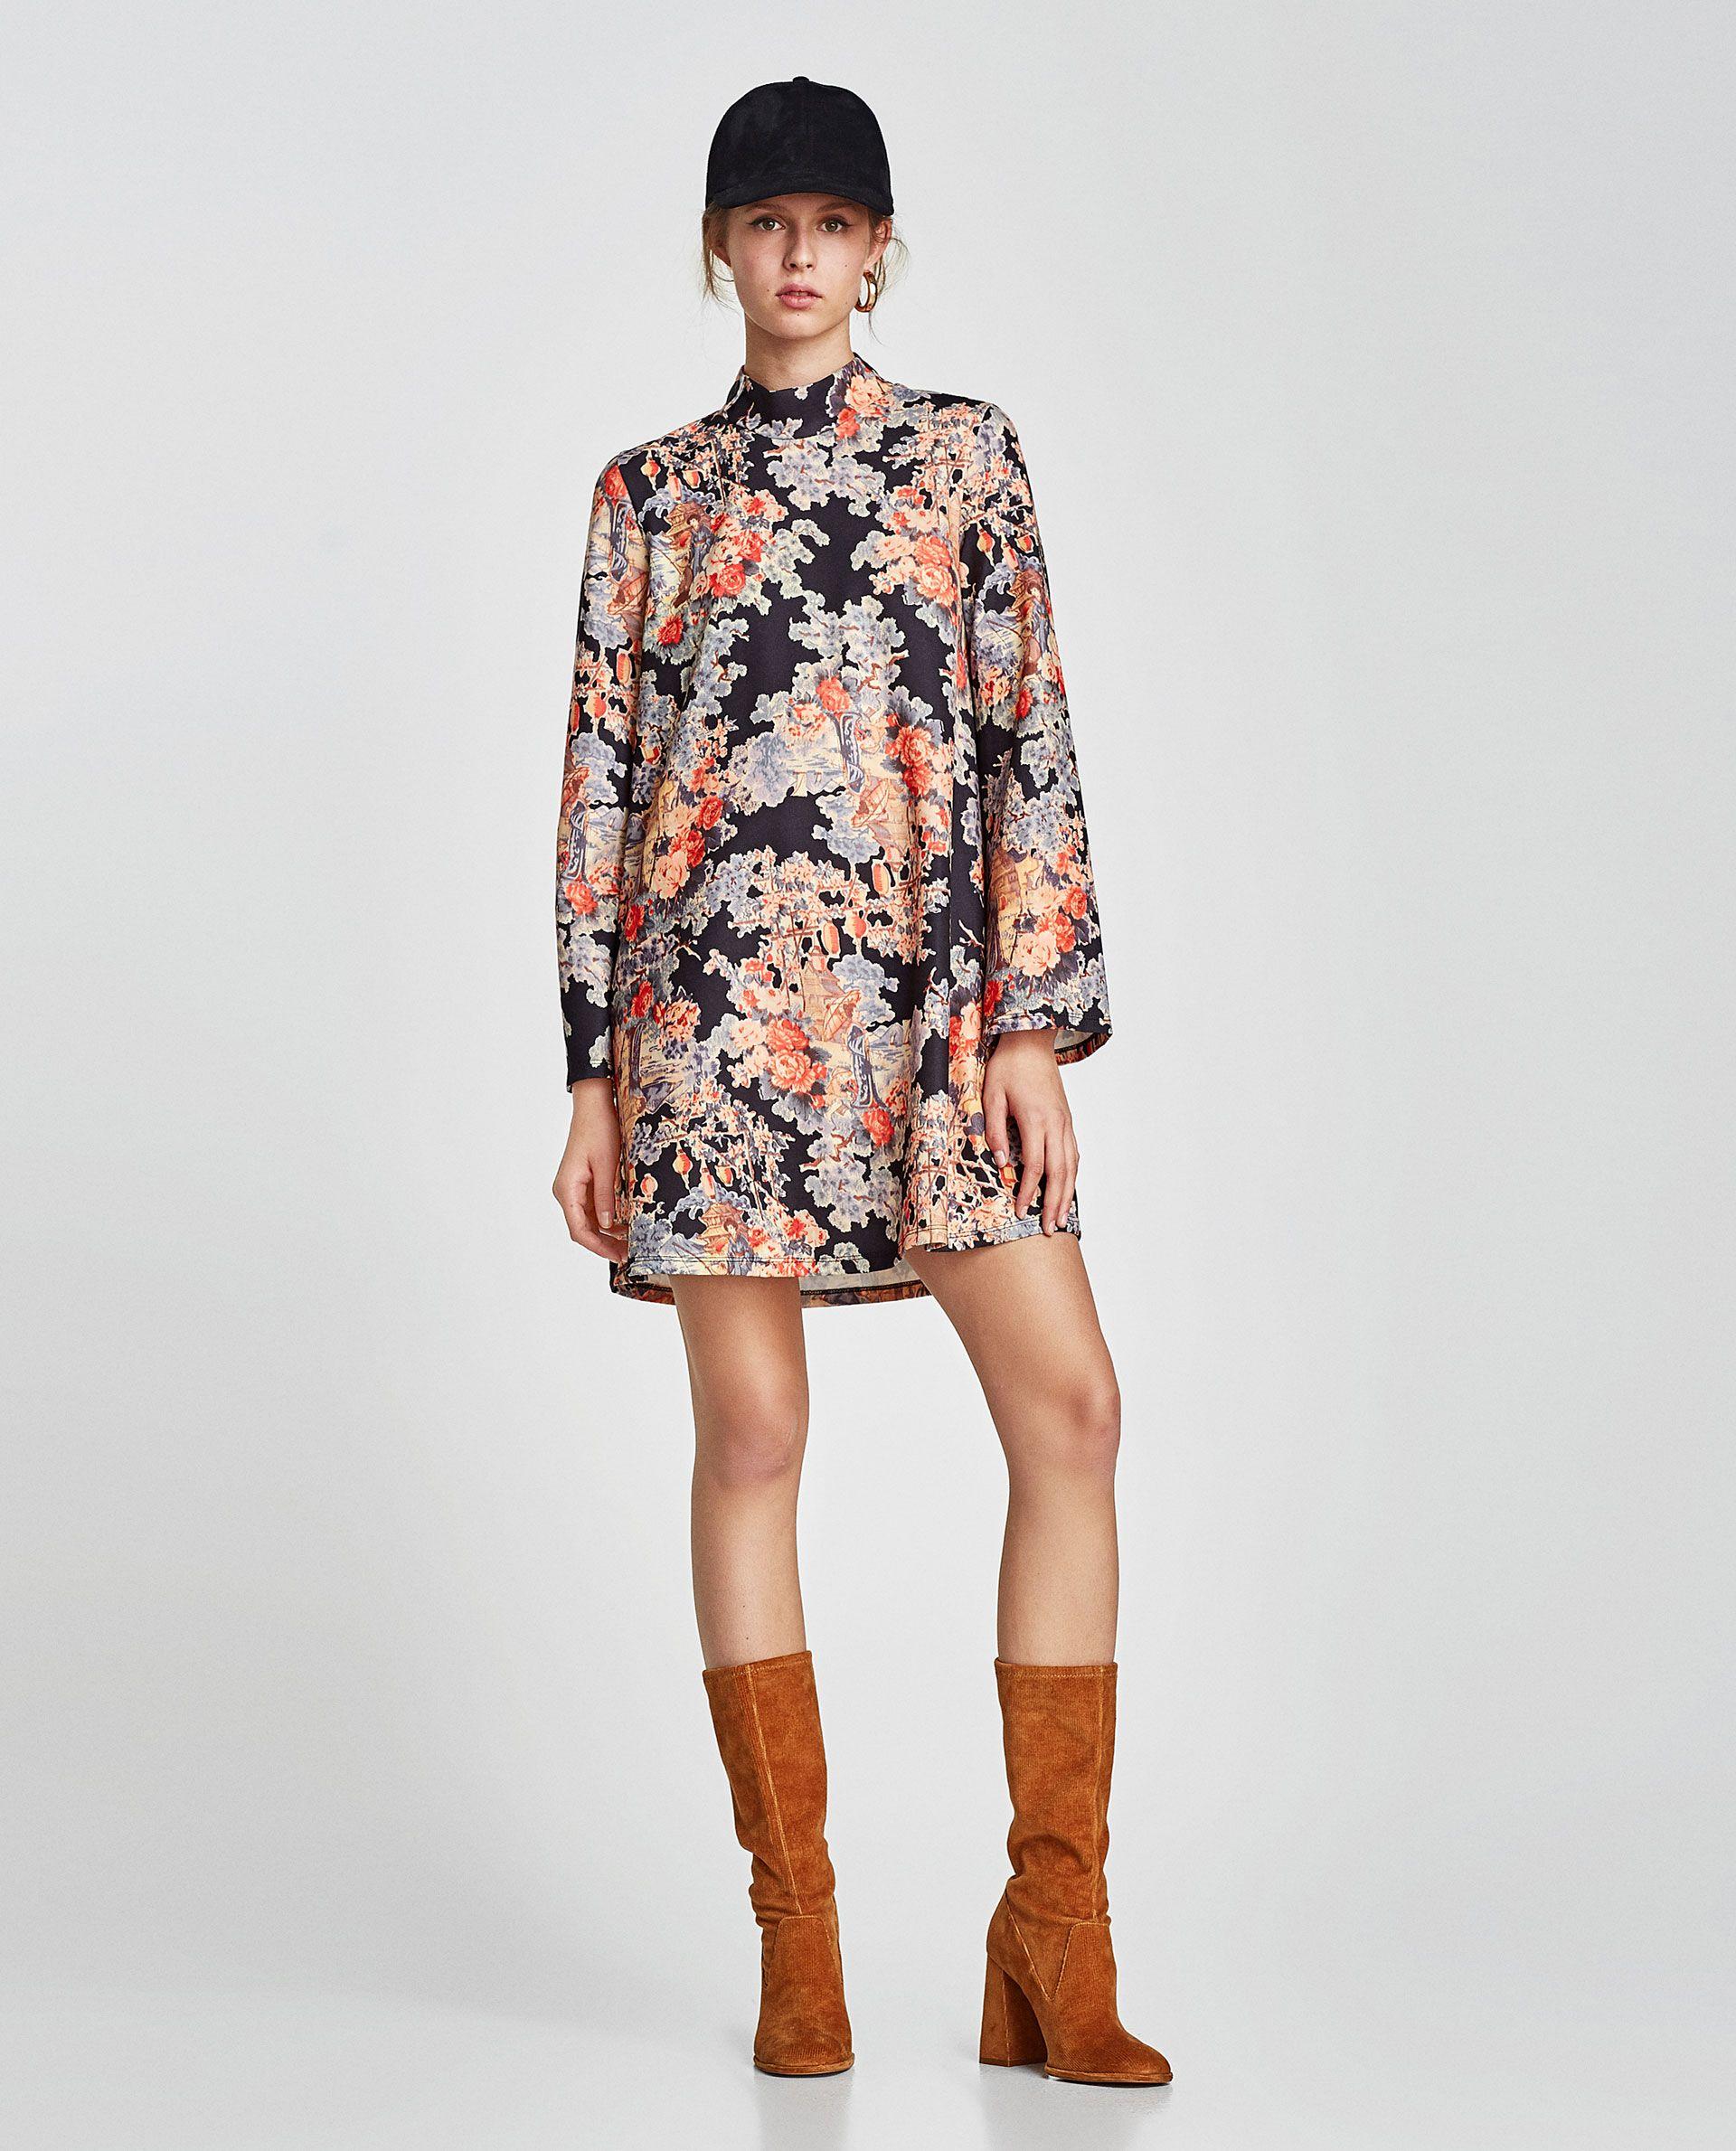 0708af33e205 VESTIDO ESTAMPADO CUELLO PERKINS | Style | Vestido estampado ...